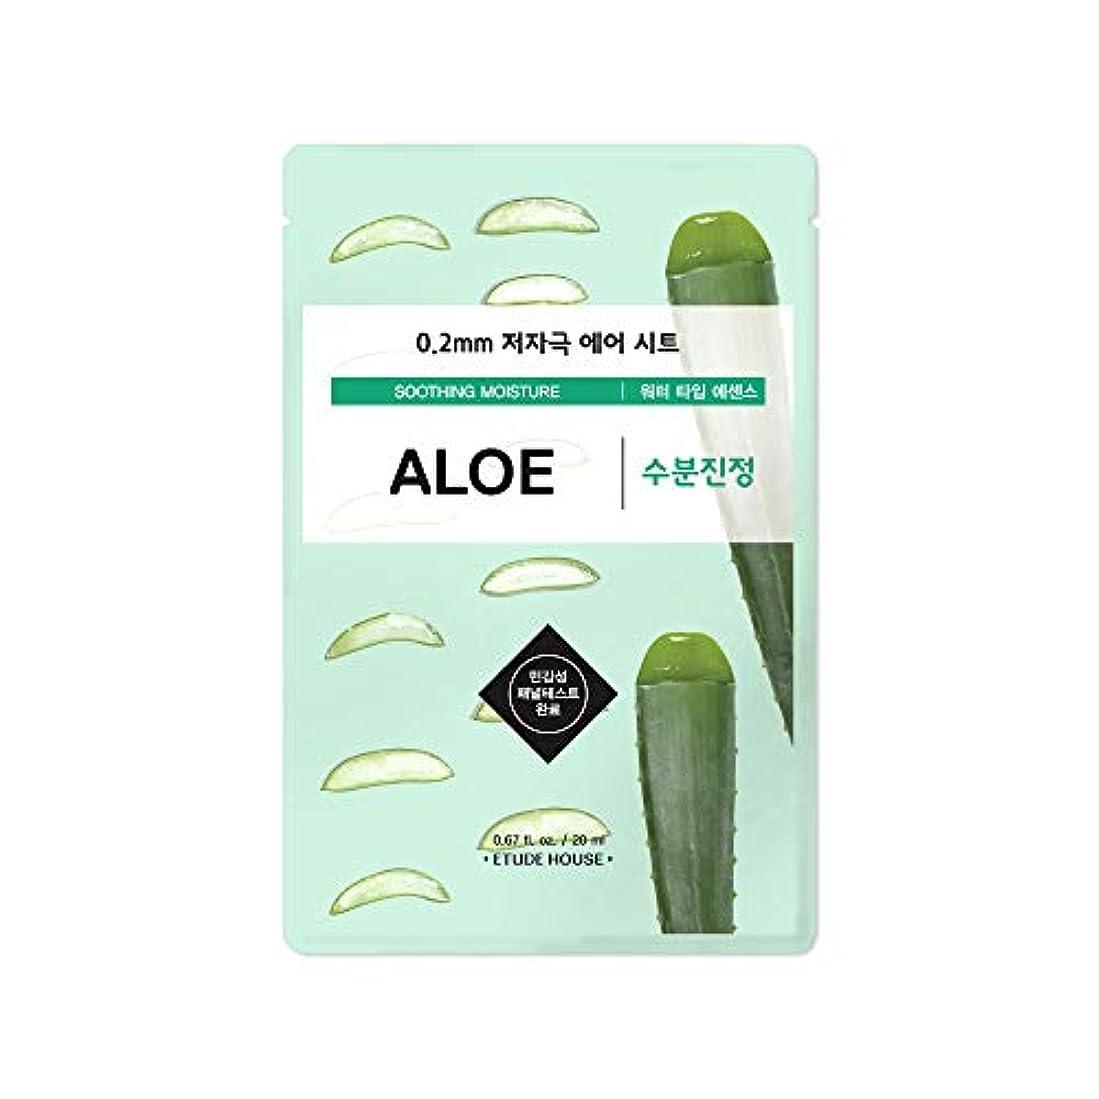 城コミュニティアッパーETUDE HOUSE 0.2 Therapy Air Mask 20ml×10ea (#01 Aloe)/エチュードハウス 0.2 セラピー エア マスク 20ml×10枚 (#01 Aloe)